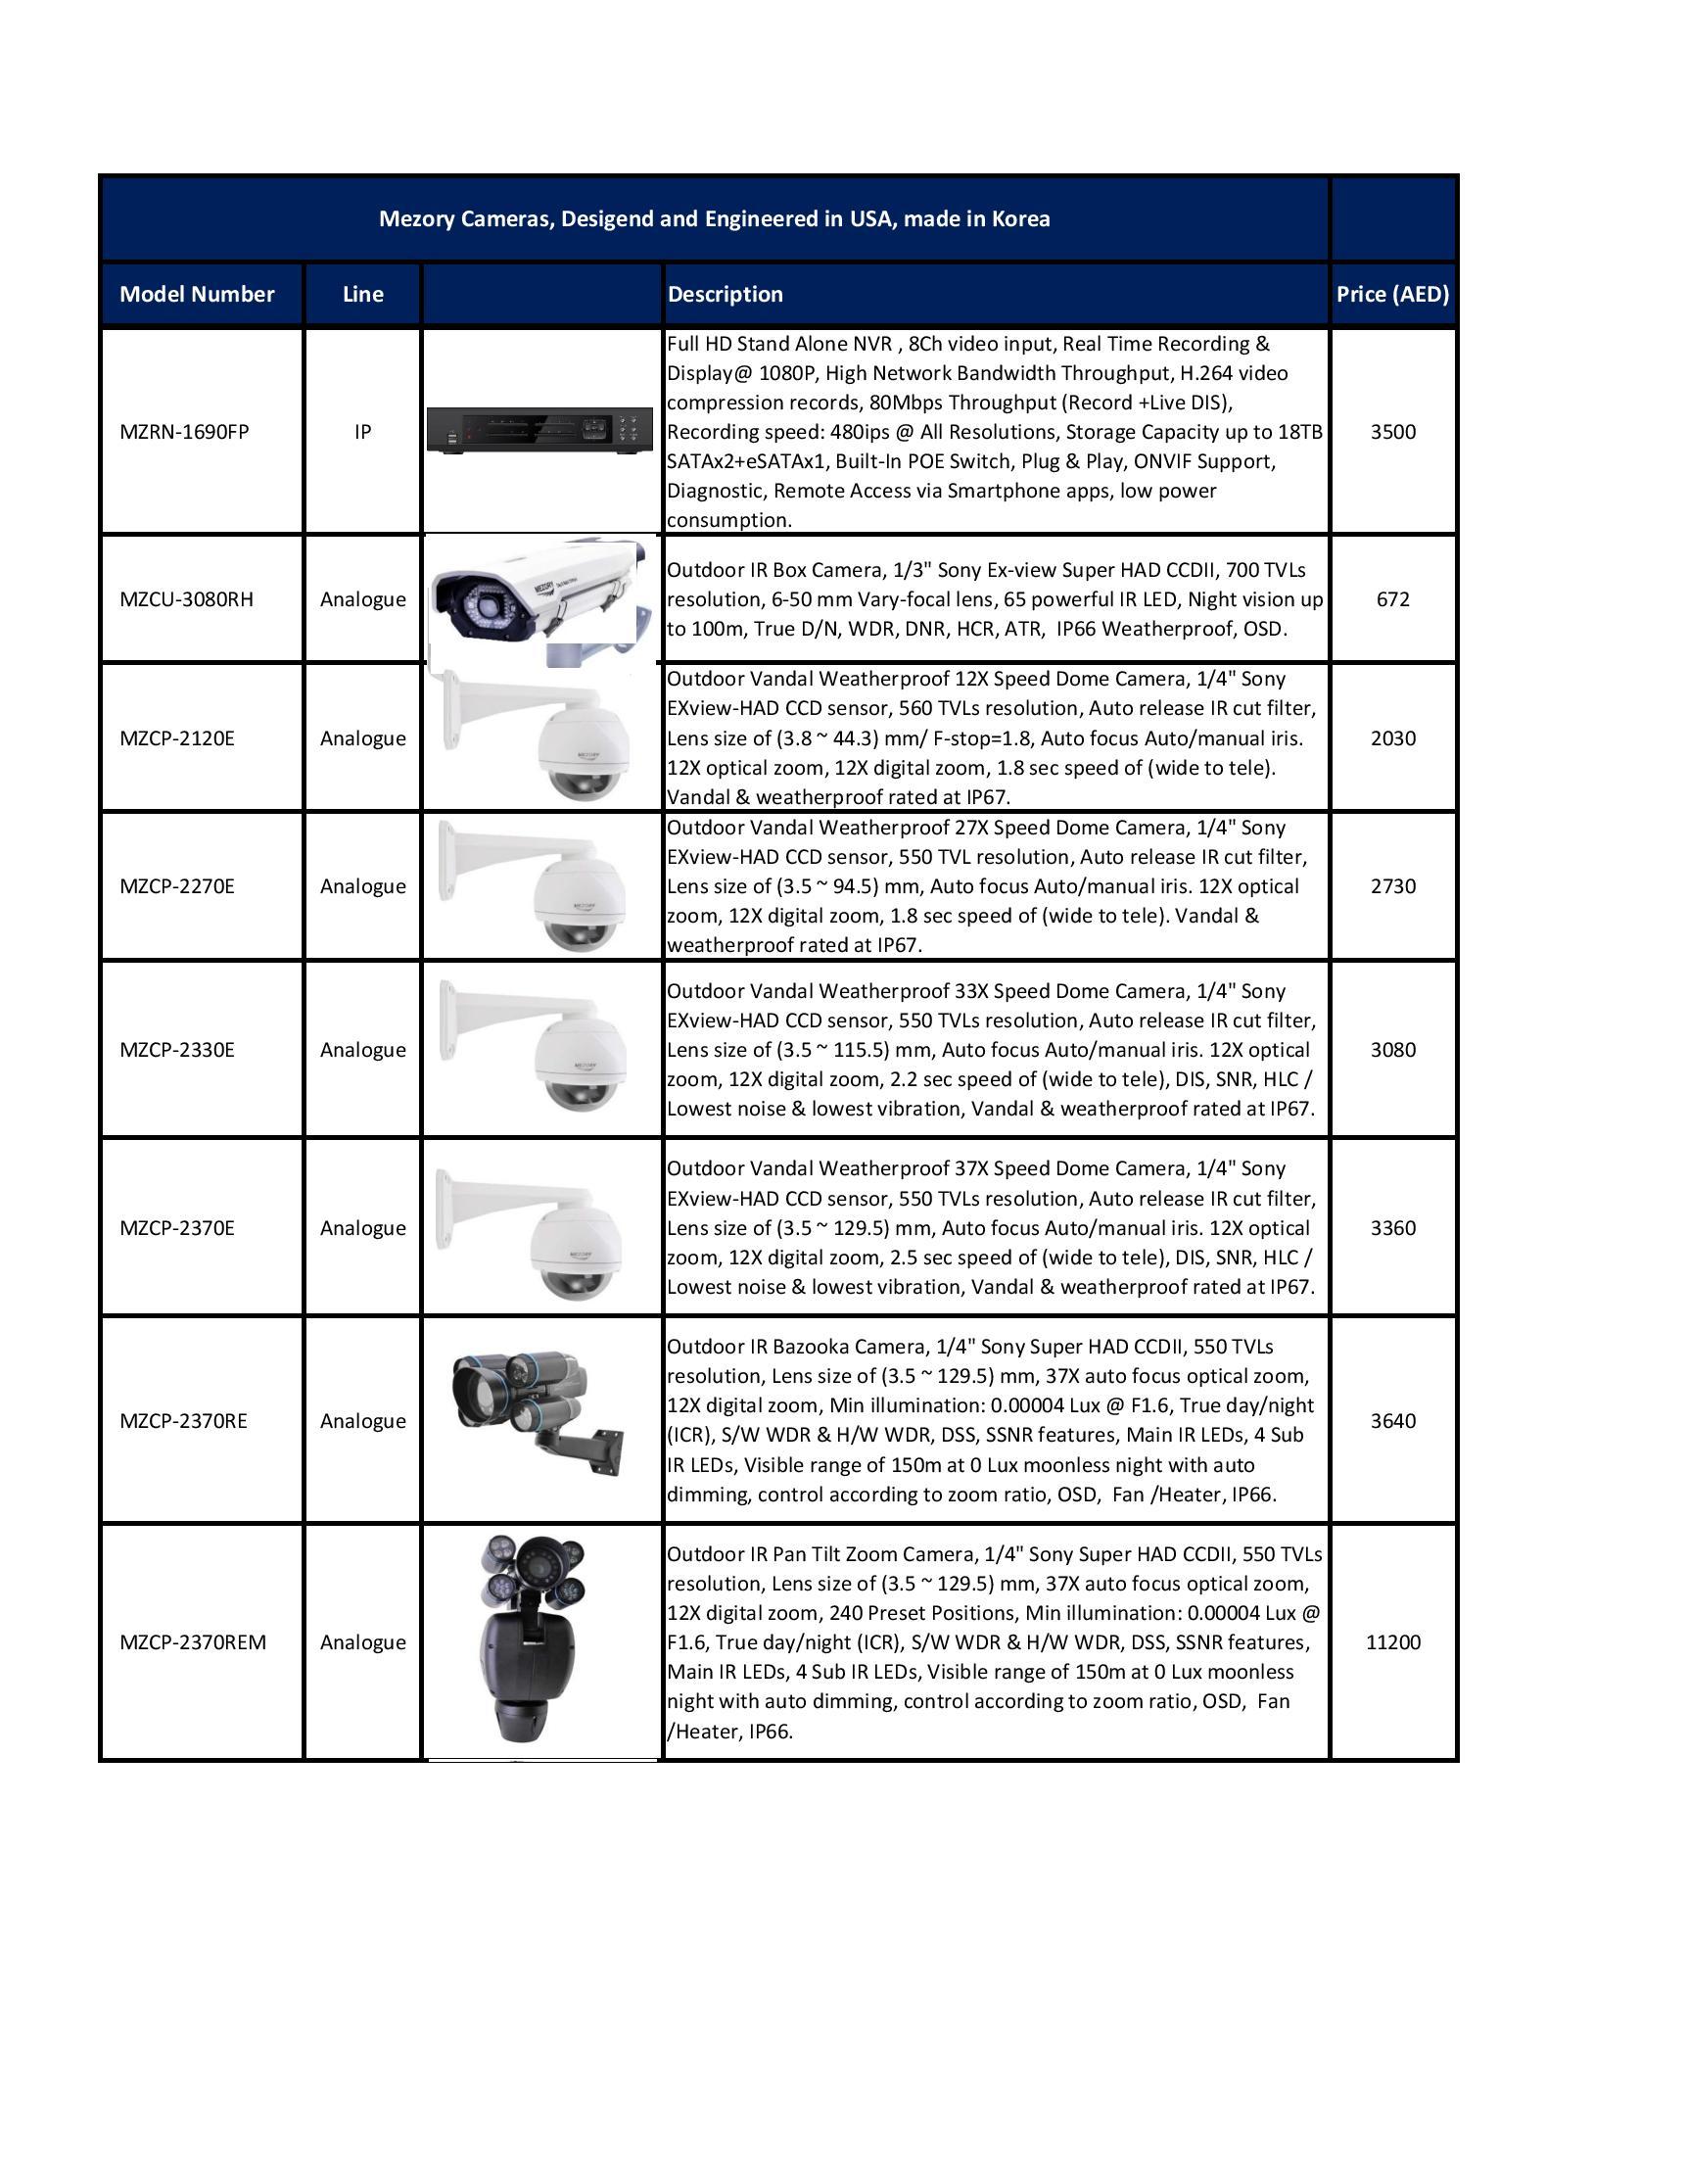 Price List UAE2016 (4-9-2016)-page-002